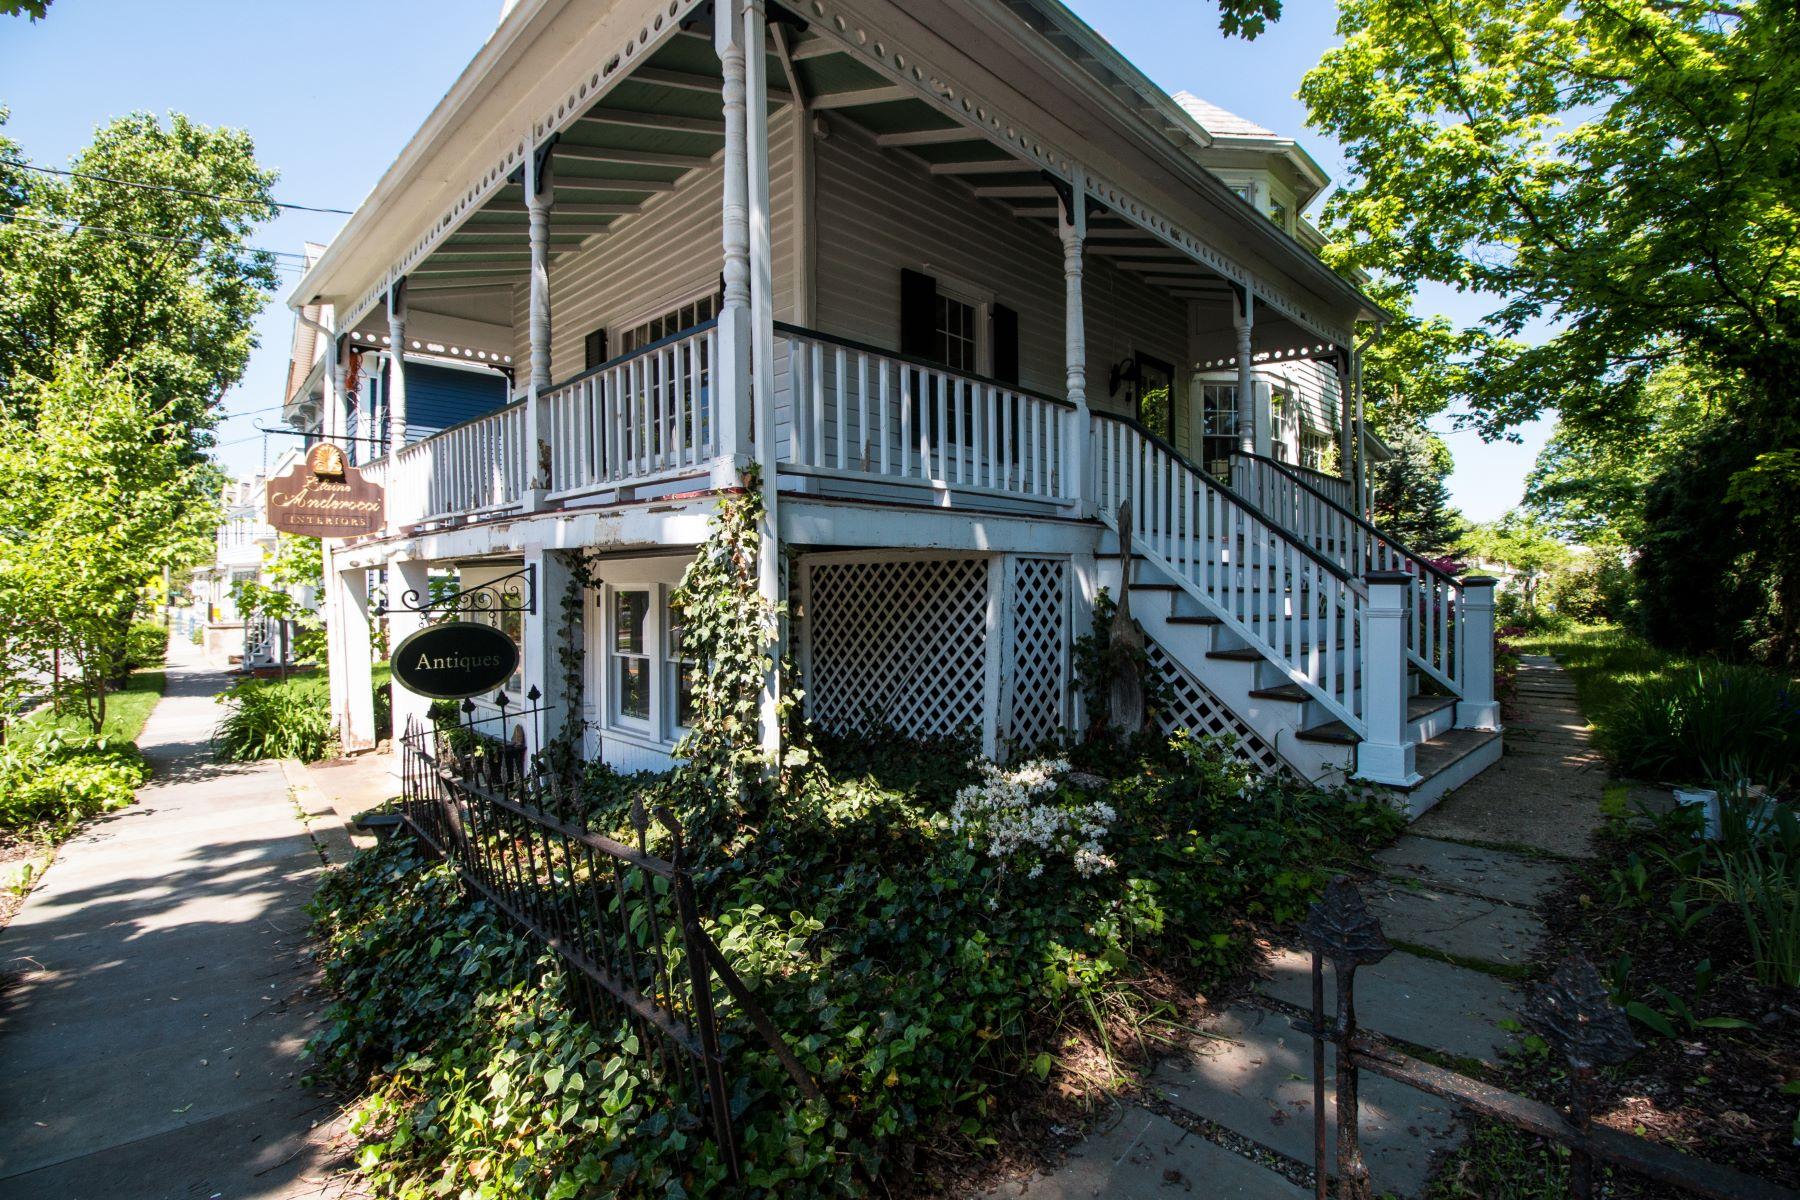 Casa Unifamiliar por un Alquiler en Charming Home 44 Old Turnpike Road, Tewksbury Township, Nueva Jersey 07830 Estados Unidos